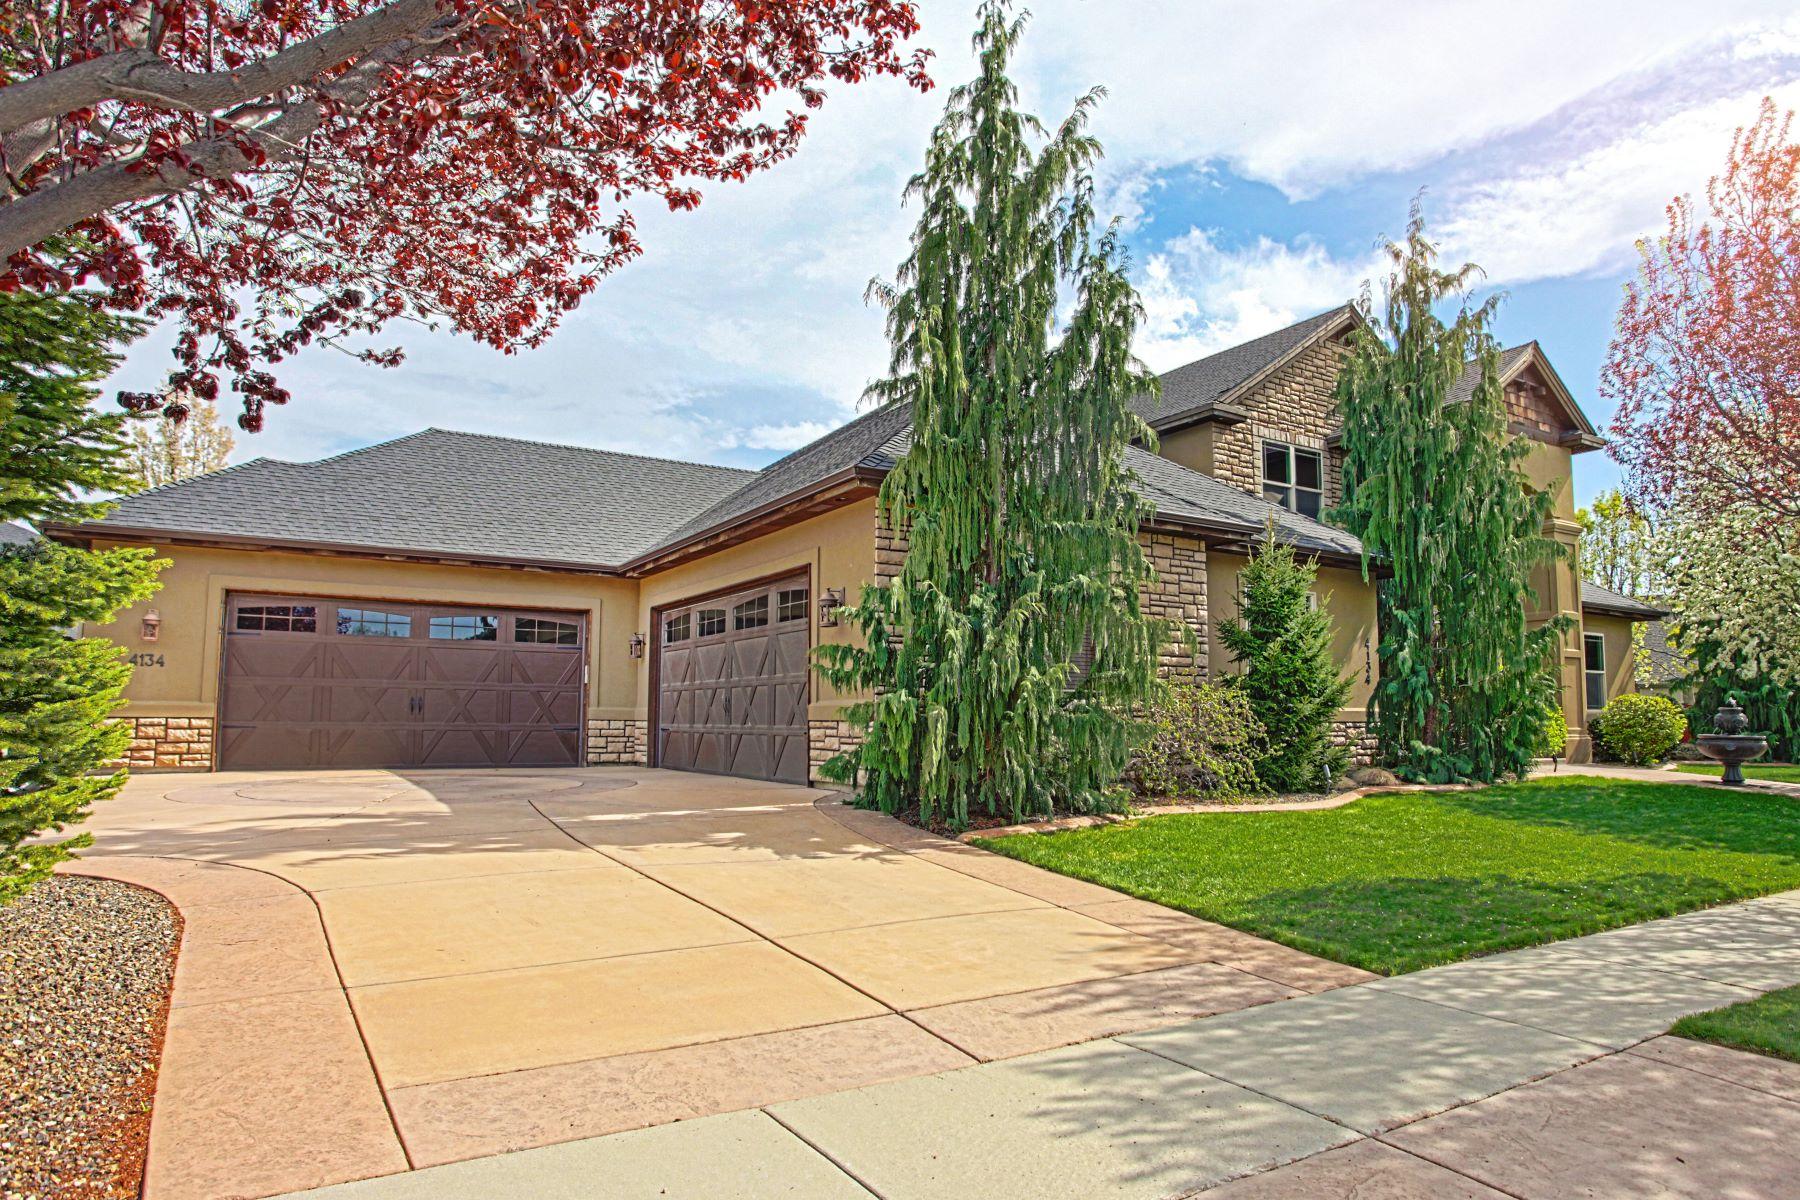 Maison unifamiliale pour l Vente à 4134 Heritage Woods Way, Meridian 4134 N Heritage Woods Way Meridian, Idaho, 83646 États-Unis